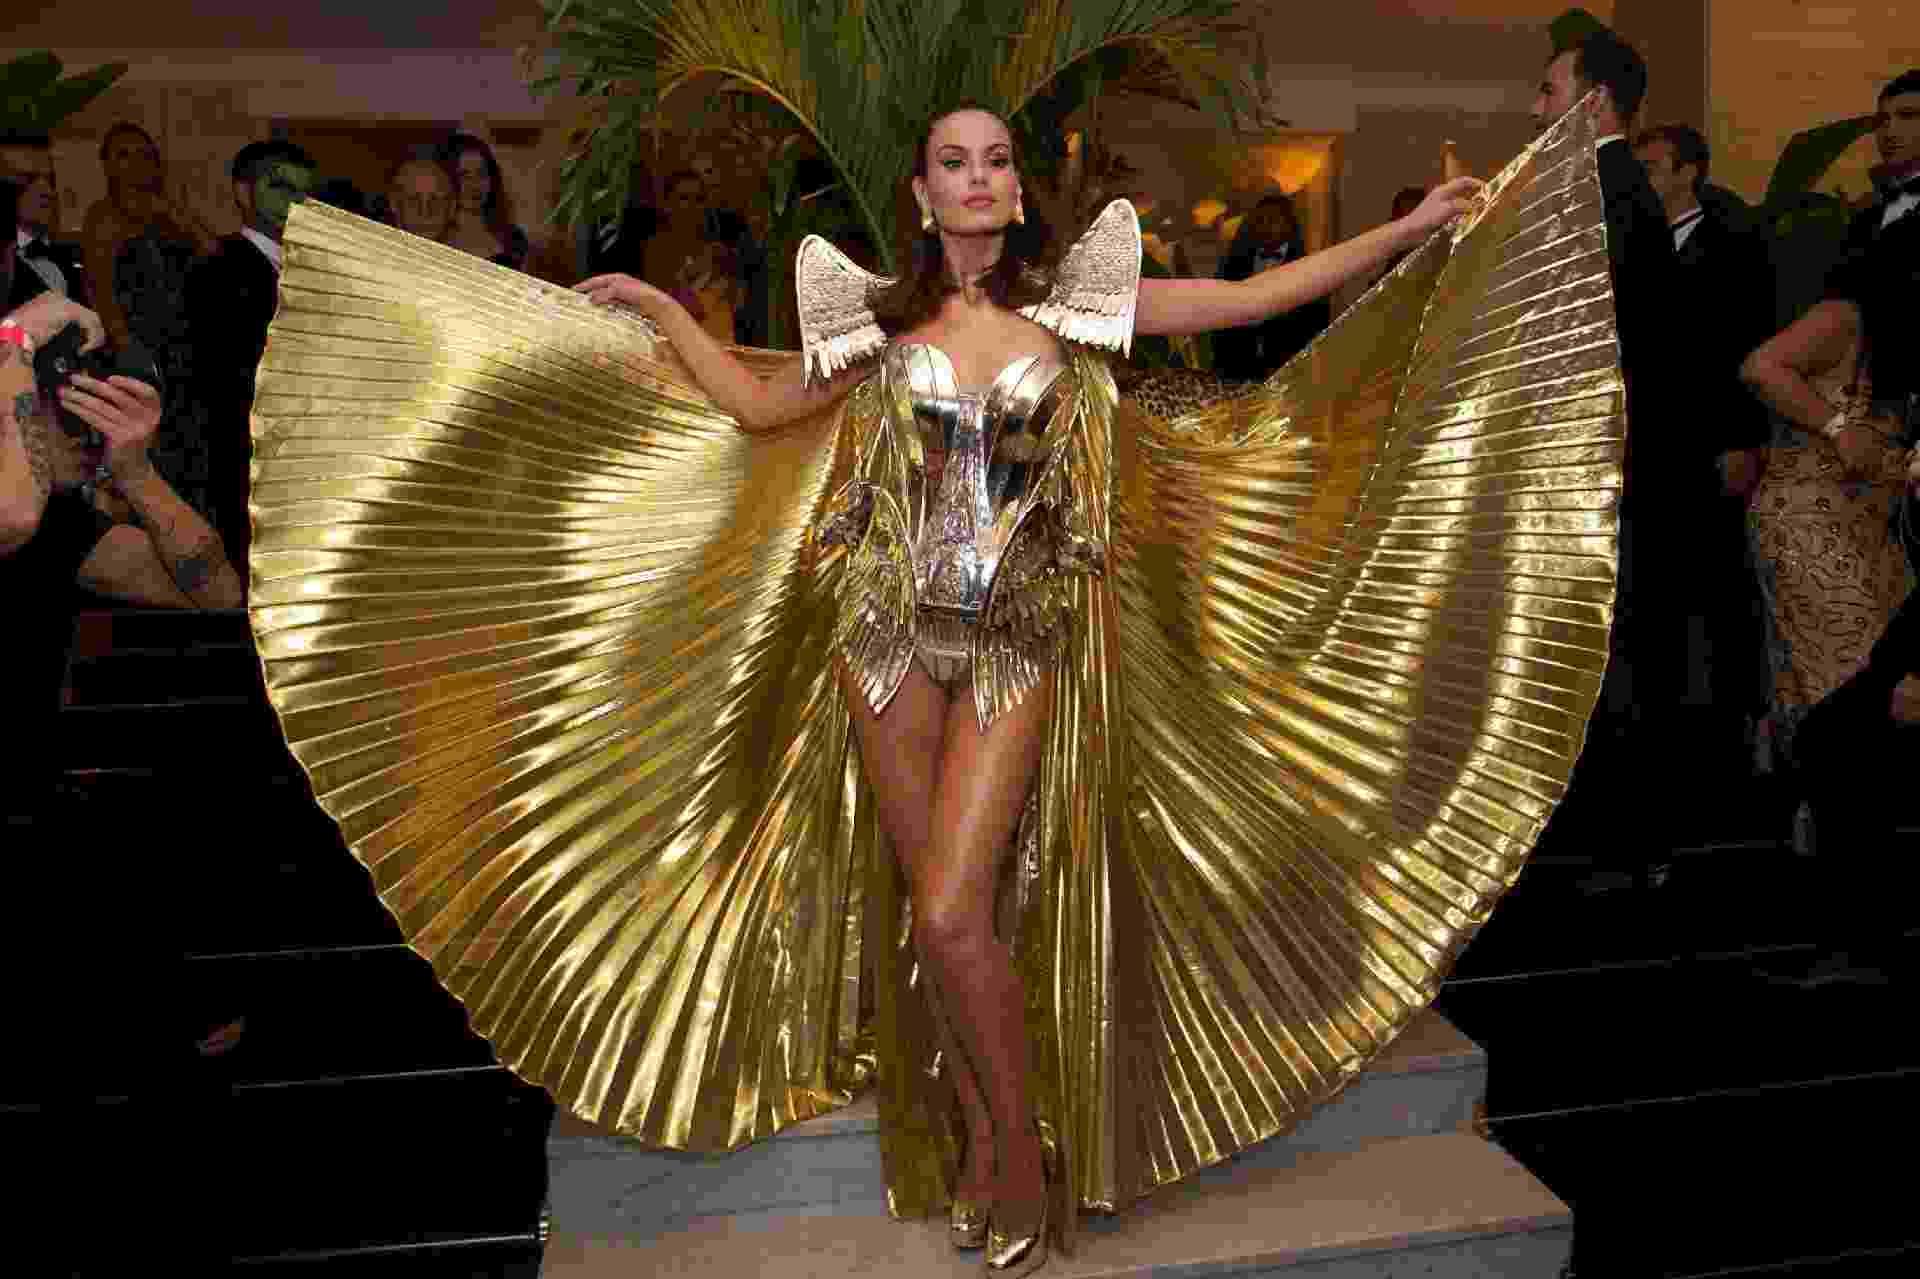 Camila Queiroz usa fantasia dourada para baile de Carnaval 'Abra suas Asas', no Copacabana Palace - Roberto Filho/Brazil News